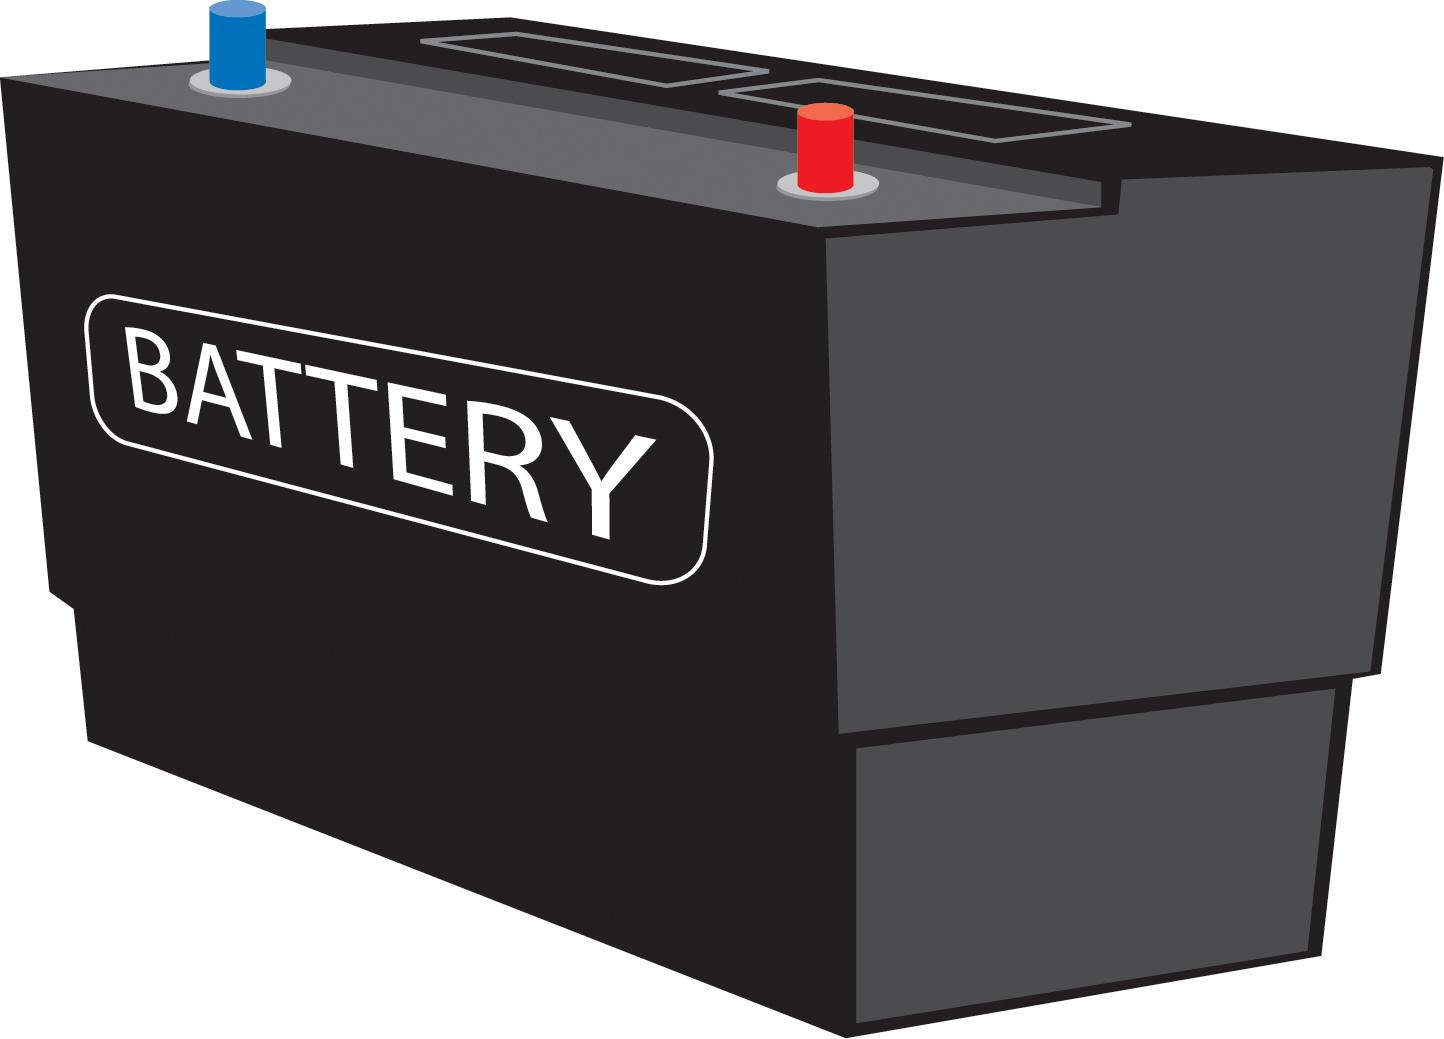 خرید یک باتری خودرو با ارائه باتری کهنه چقدر تمام می شود؟